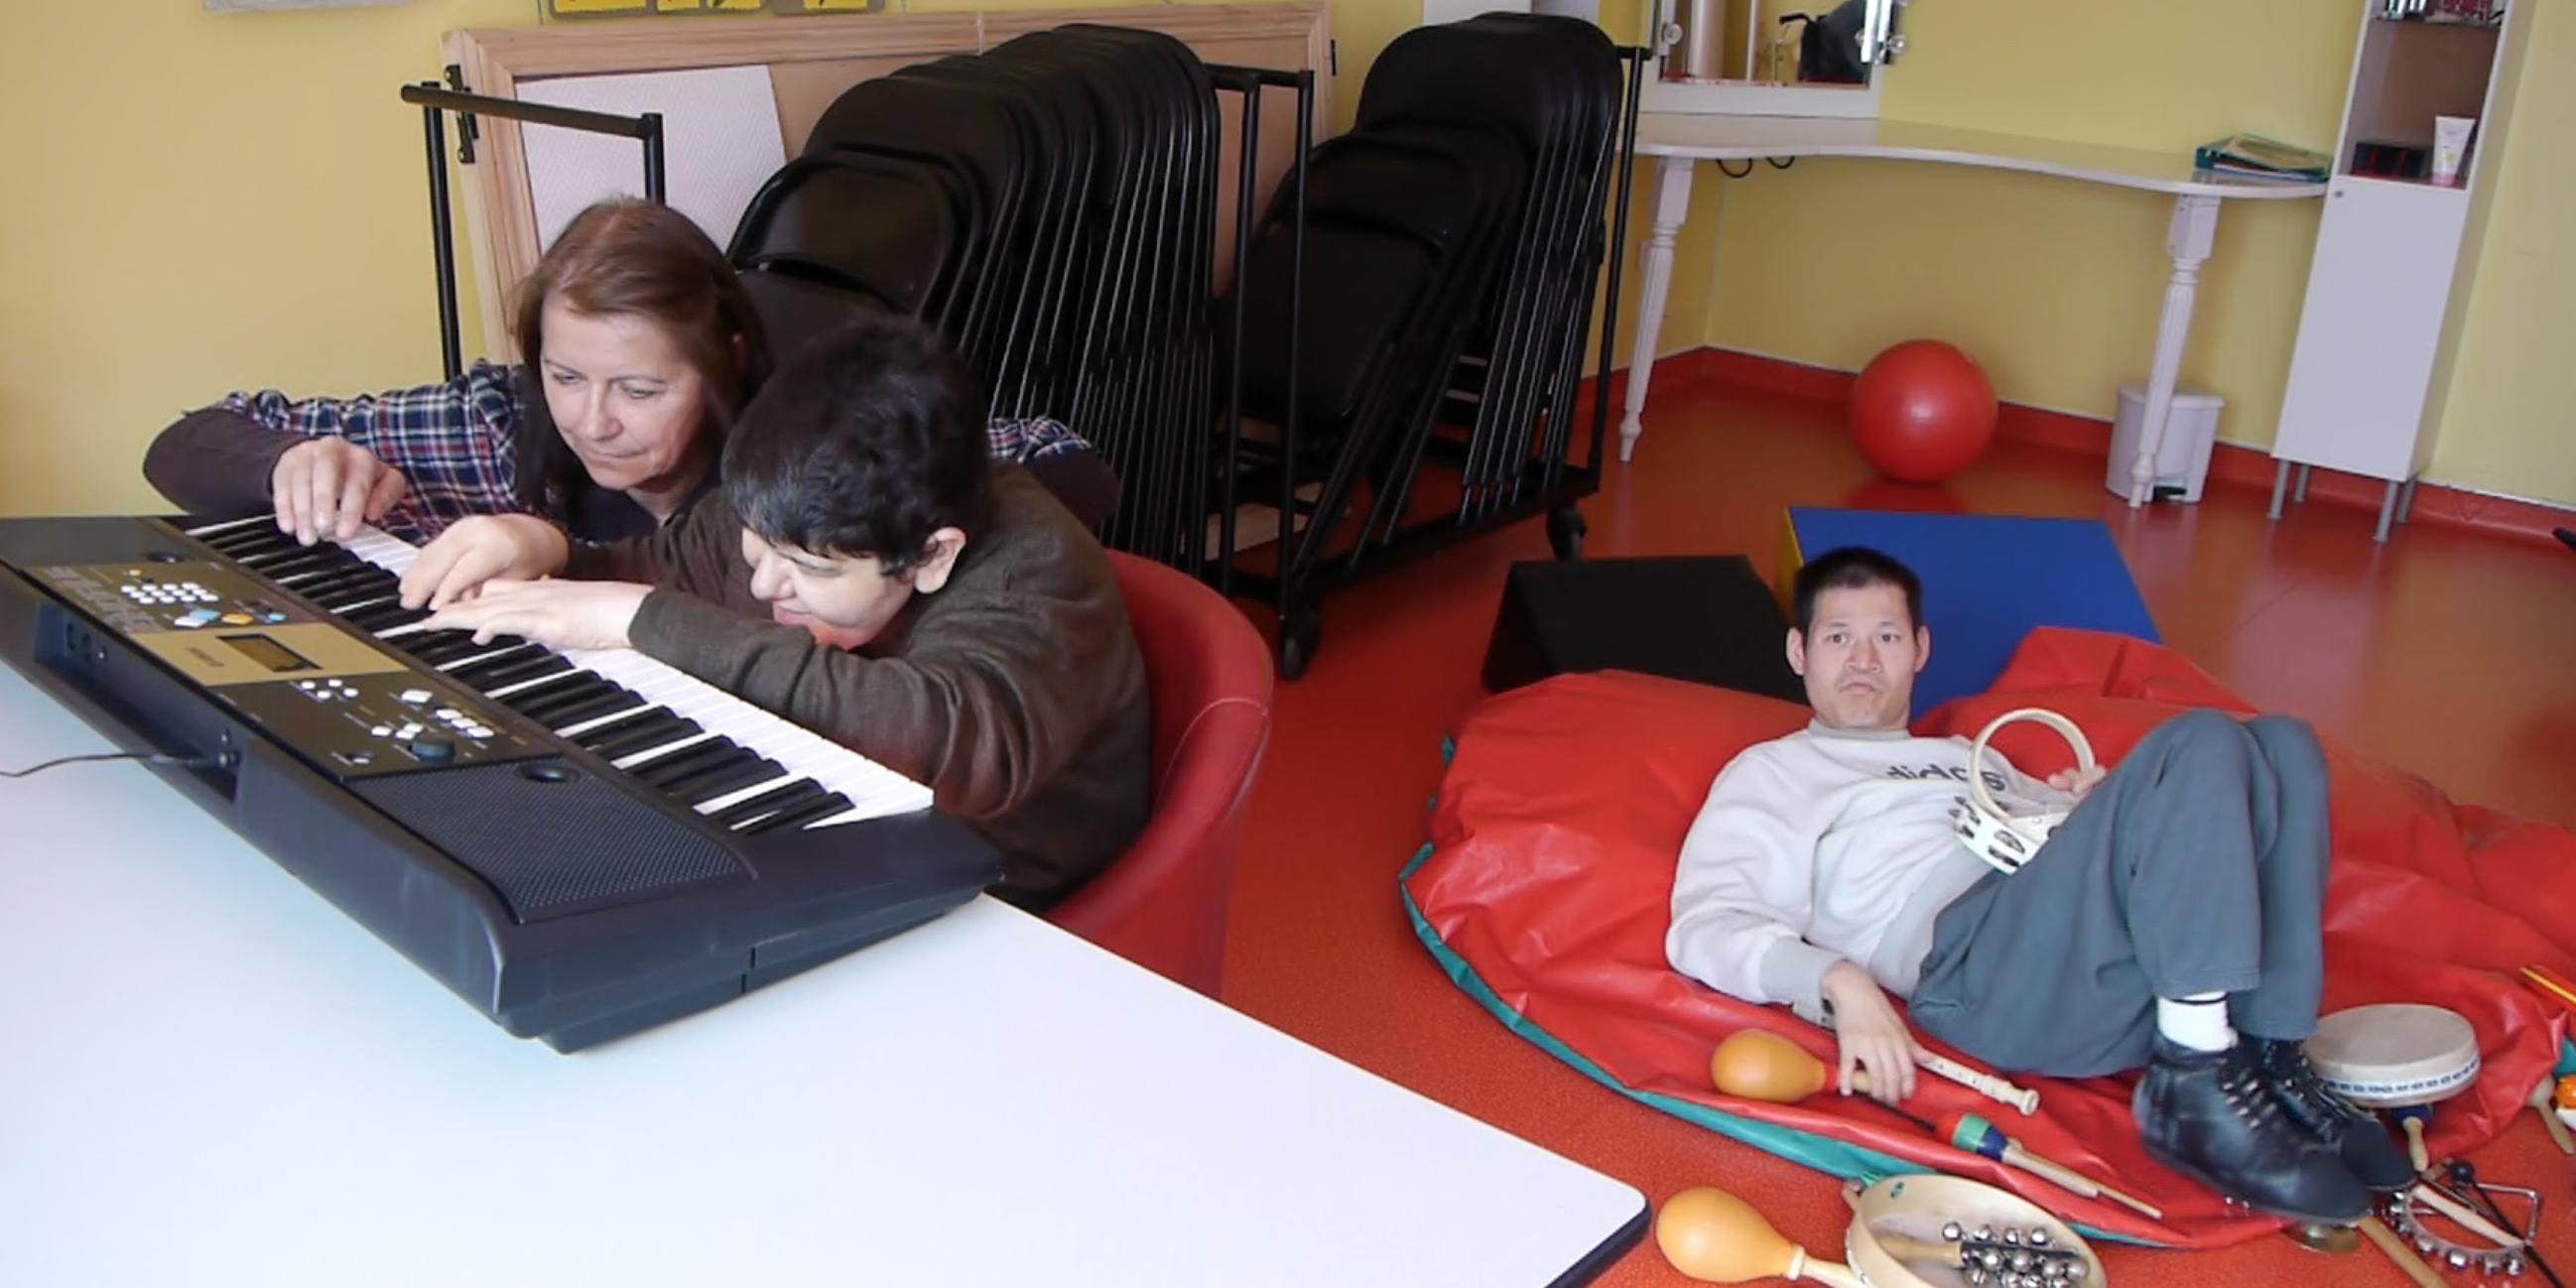 polyhandicap s poly oubli s faire face toute l 39 actualit du handicap moteur. Black Bedroom Furniture Sets. Home Design Ideas